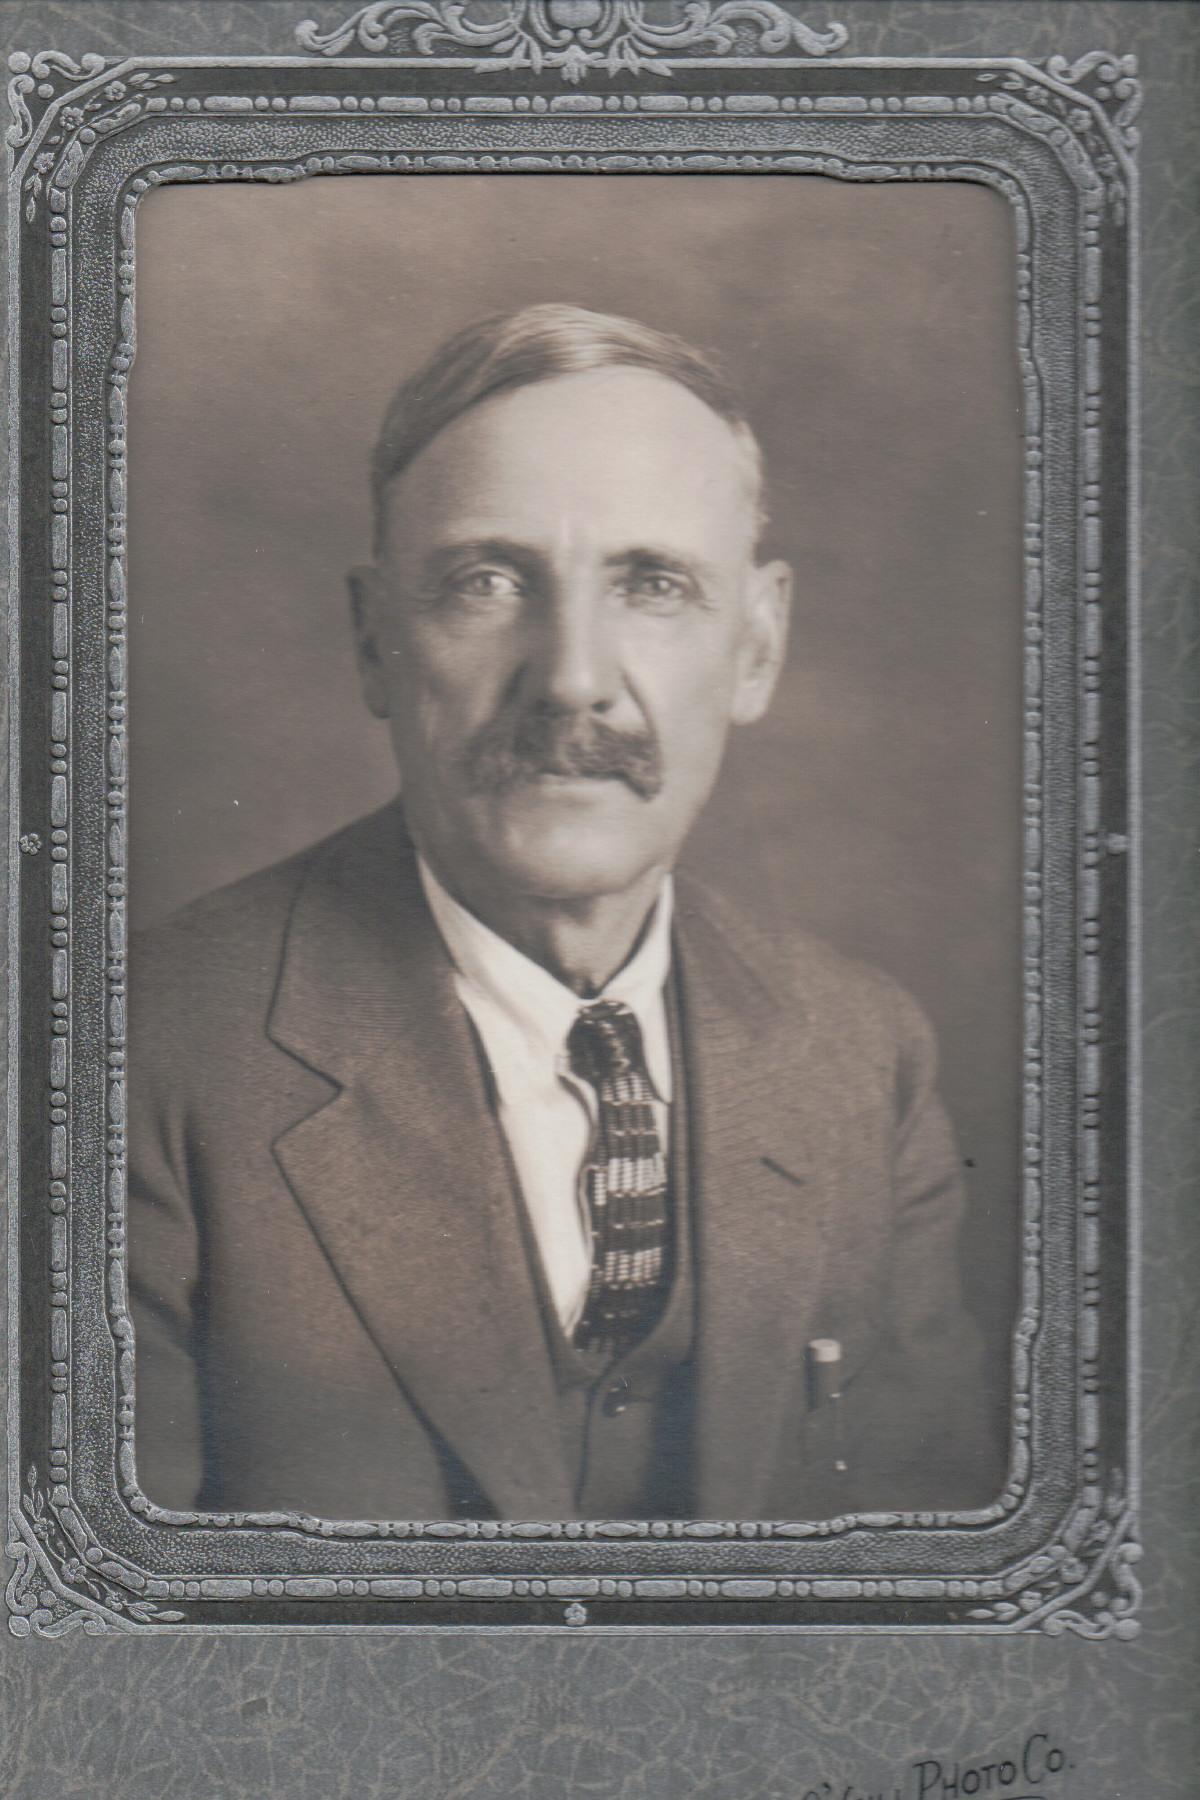 Roscoe Haggerty